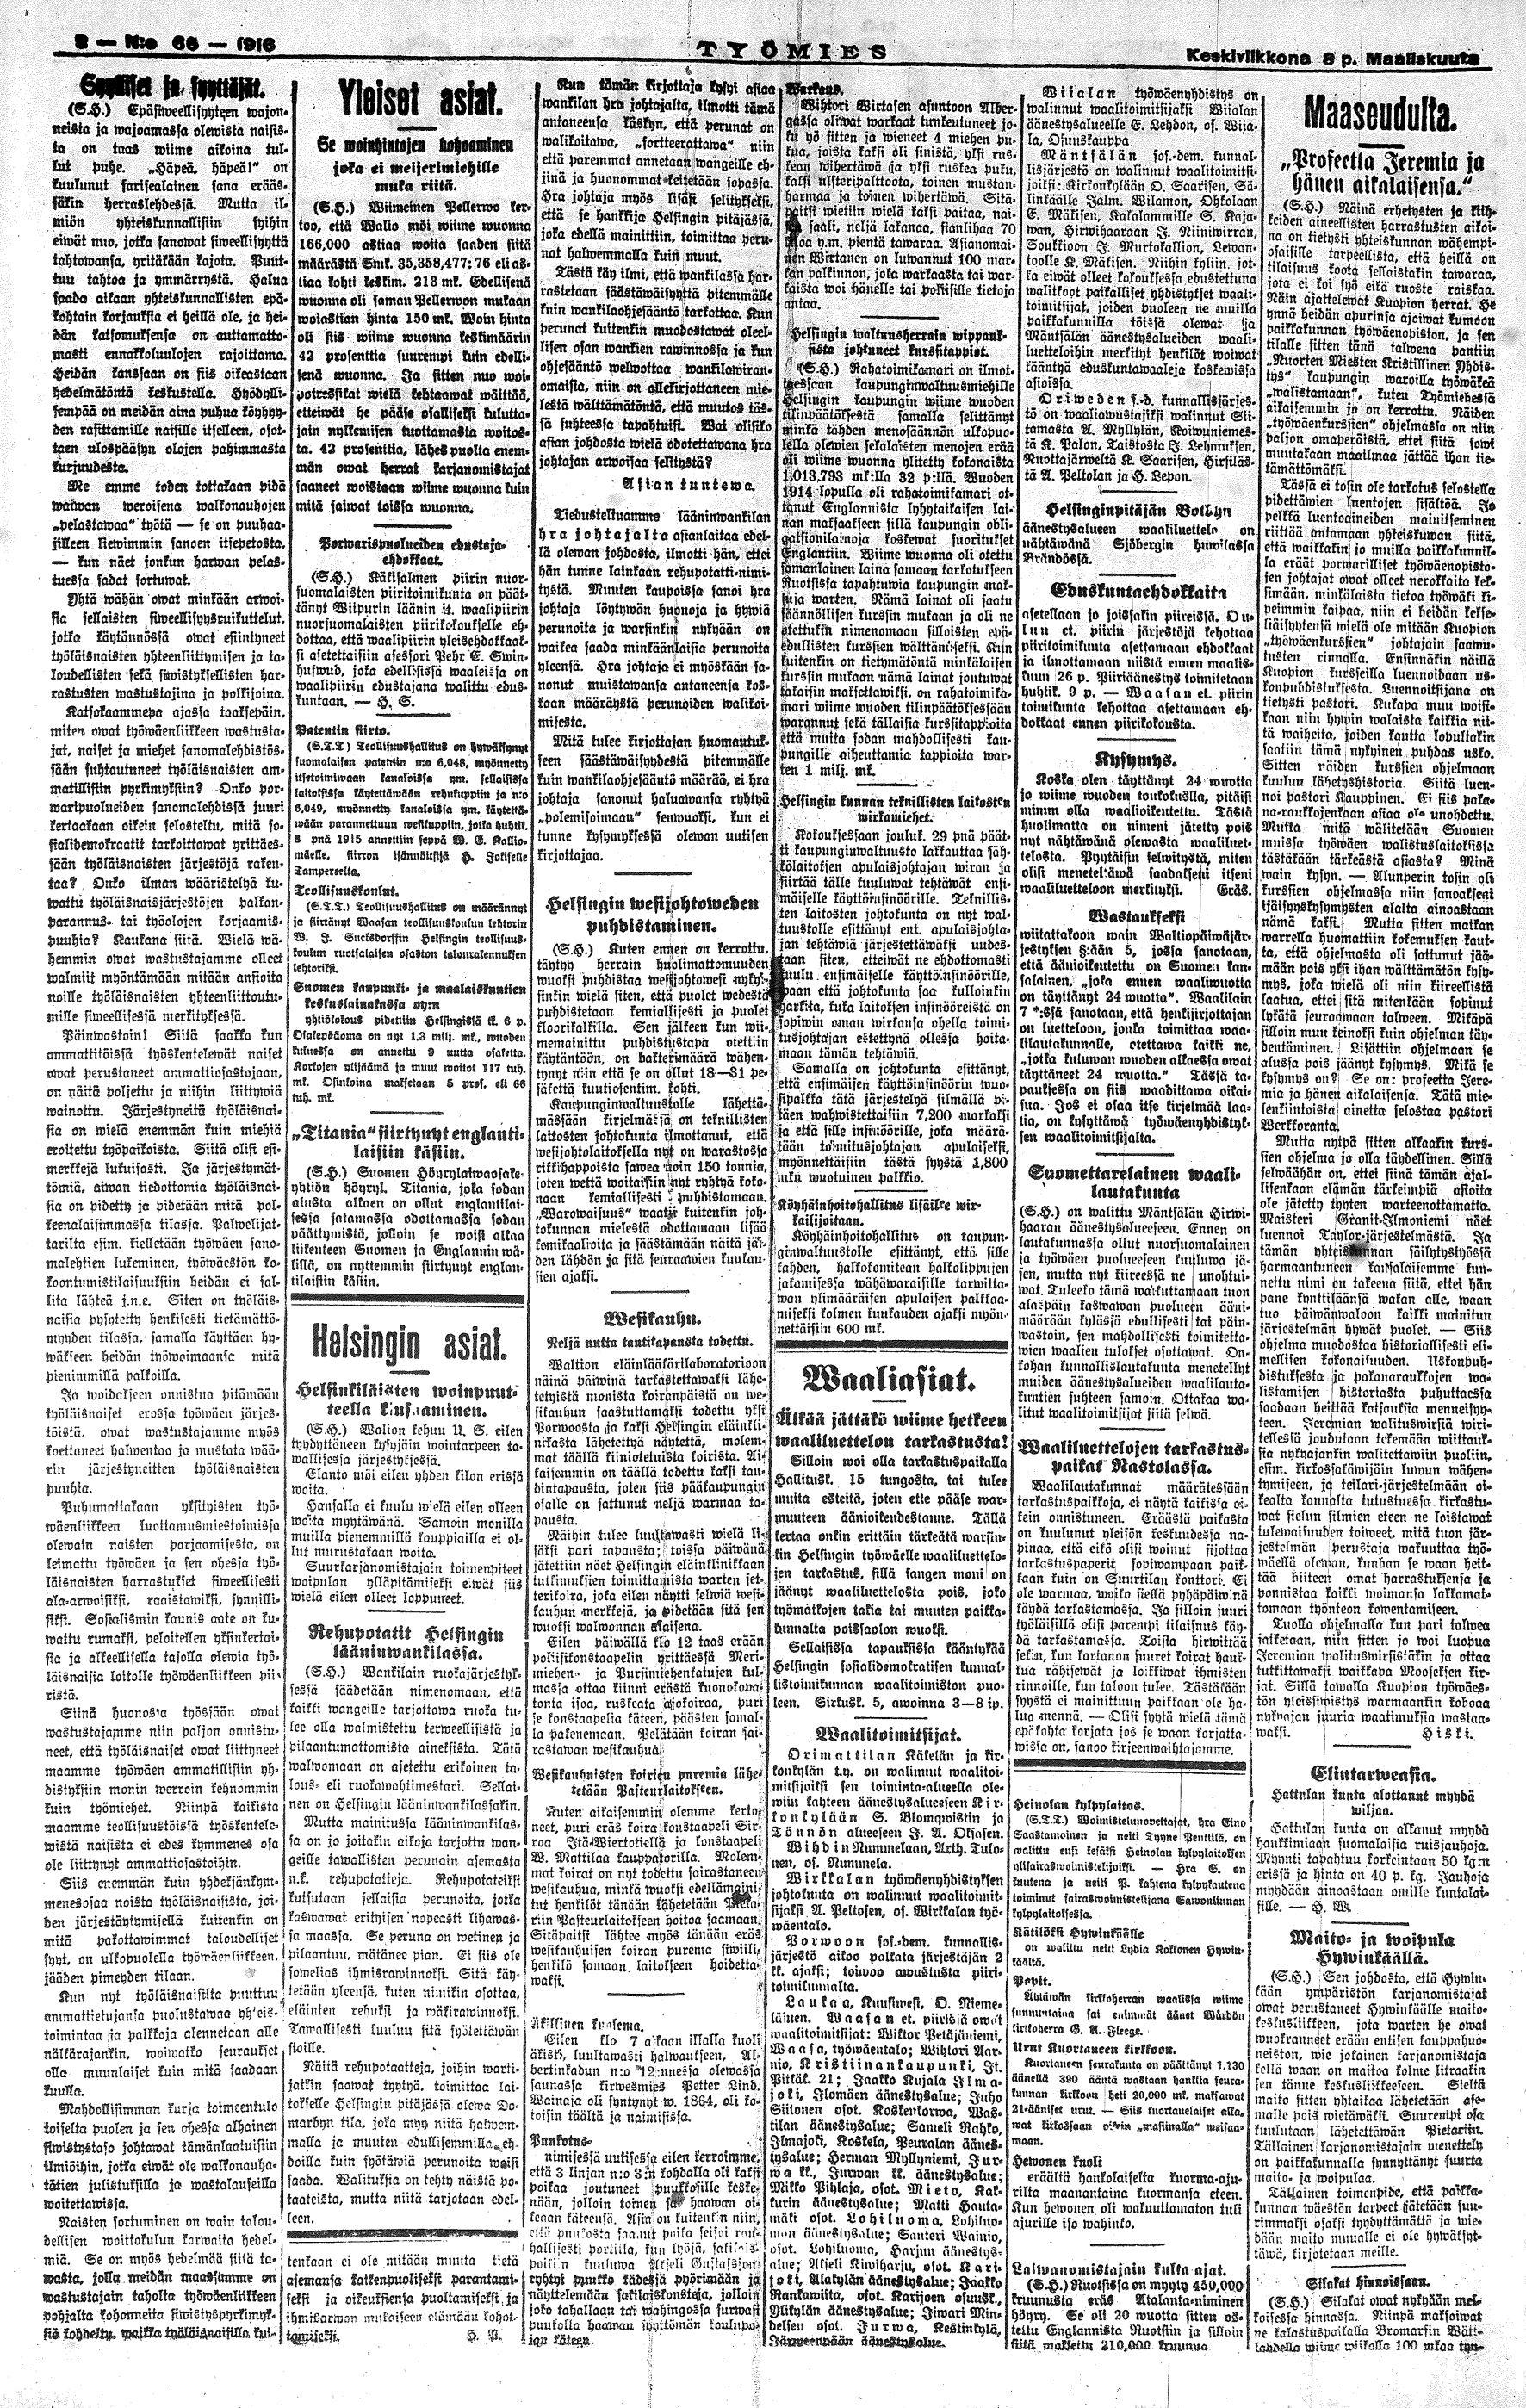 Hilja Pärssisen kirjoitus ilmestyi naistenpäivänä 8.3.1916. Päätöksen naistenpäivän vietosta teki Sosialistisen internationaalin naiset toisessa kokouksessaan Kööpenhaminassa 1910. Pärssinen osallistui kokoukseen yhtenä viidestä suomalaisedustajasta. Suomessa päivää vietettiin pienimuotoisesti.